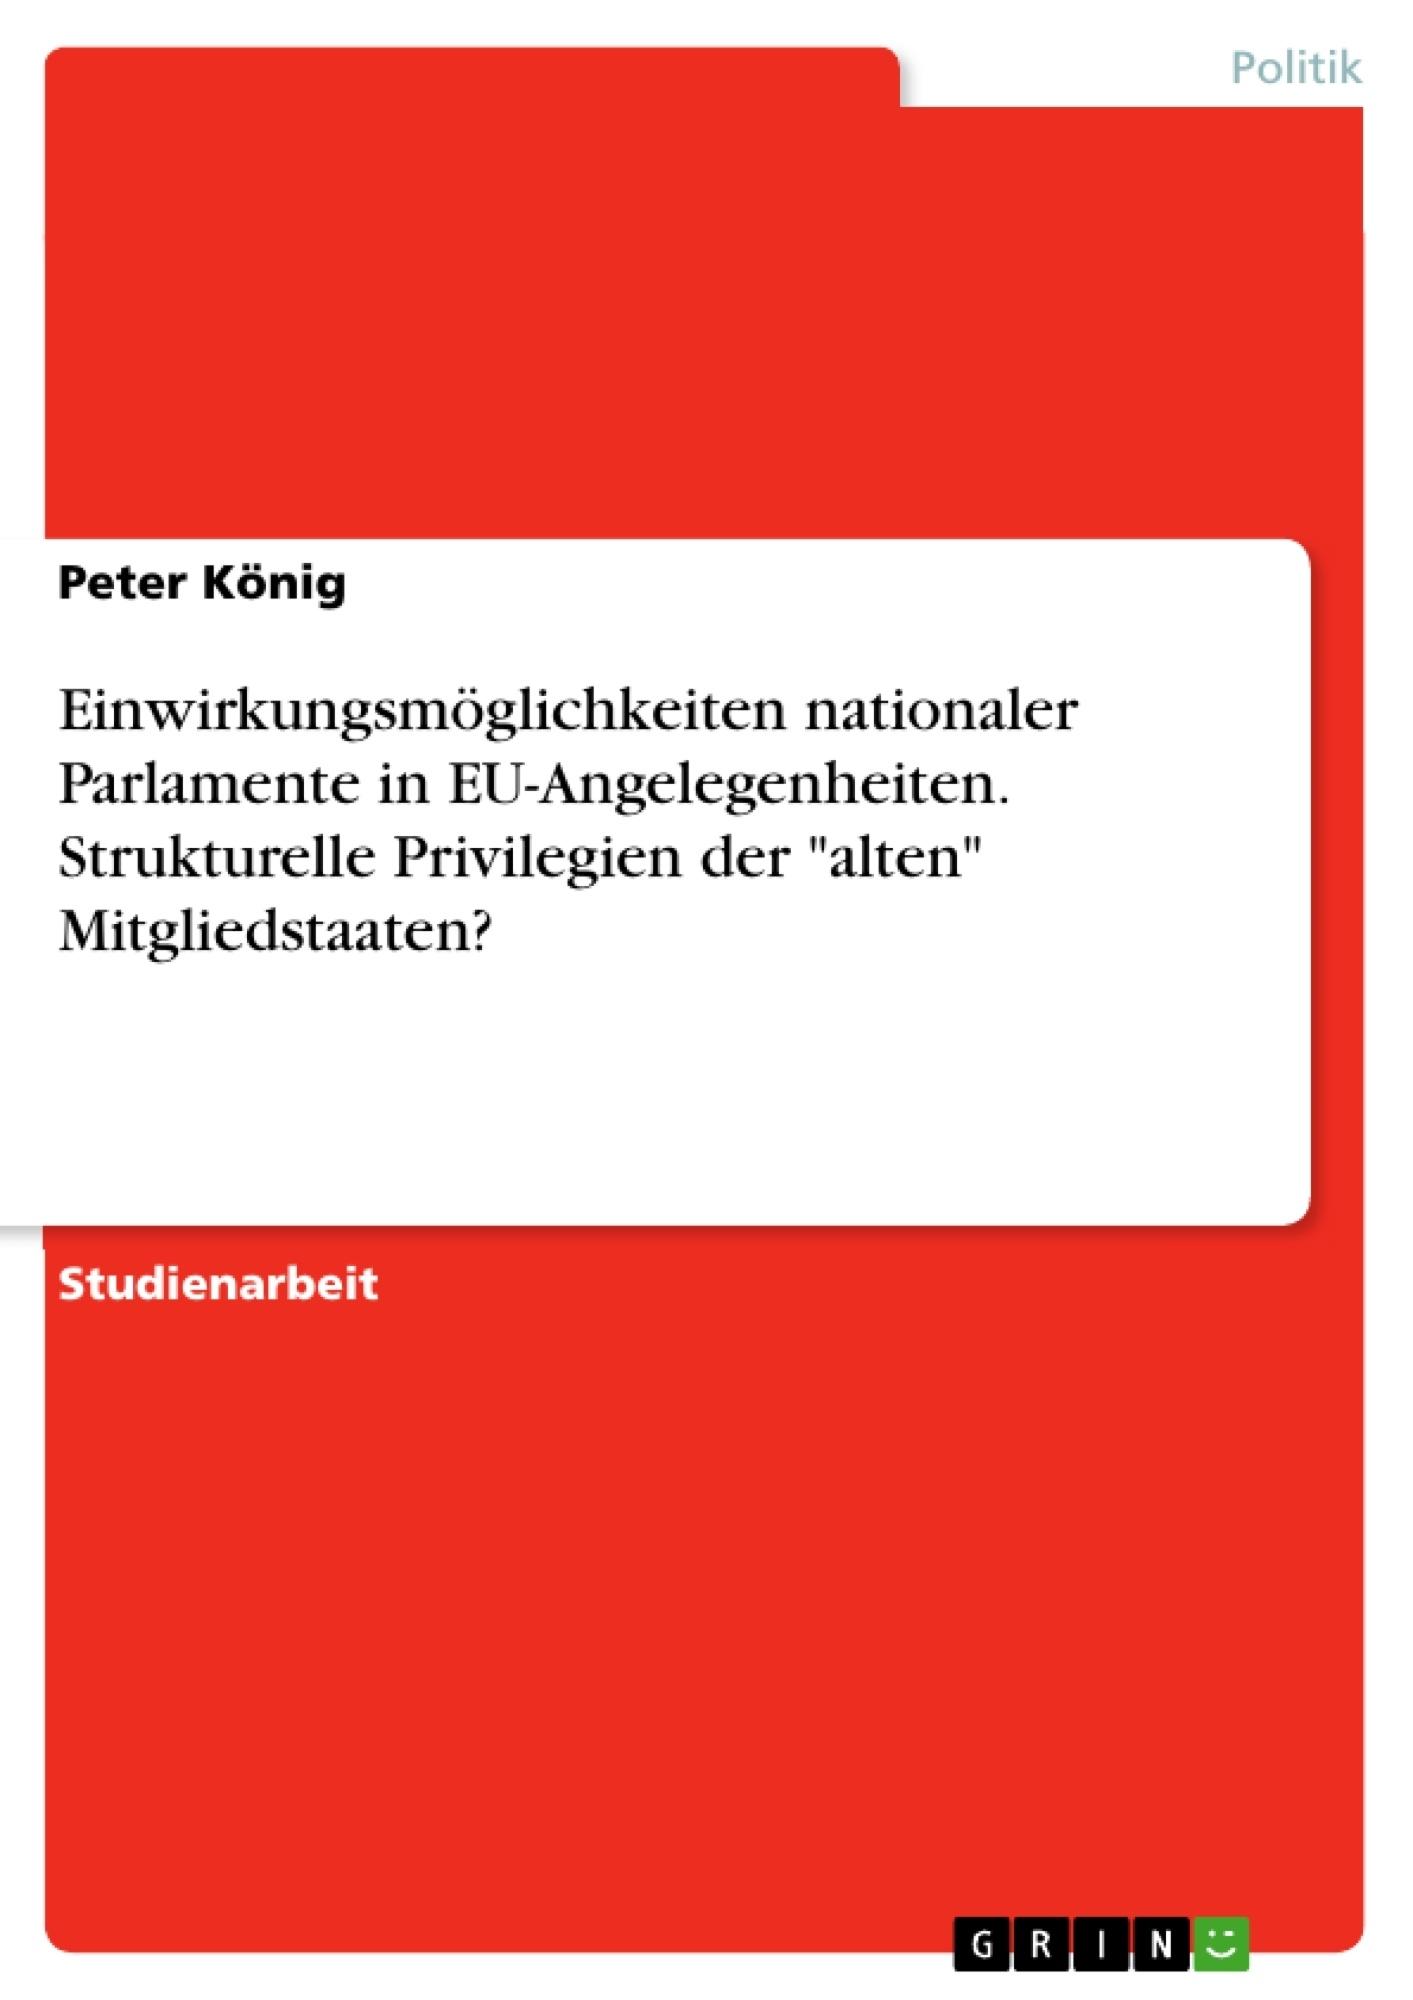 """Titel: Einwirkungsmöglichkeiten nationaler Parlamente in EU-Angelegenheiten. Strukturelle Privilegien der """"alten"""" Mitgliedstaaten?"""